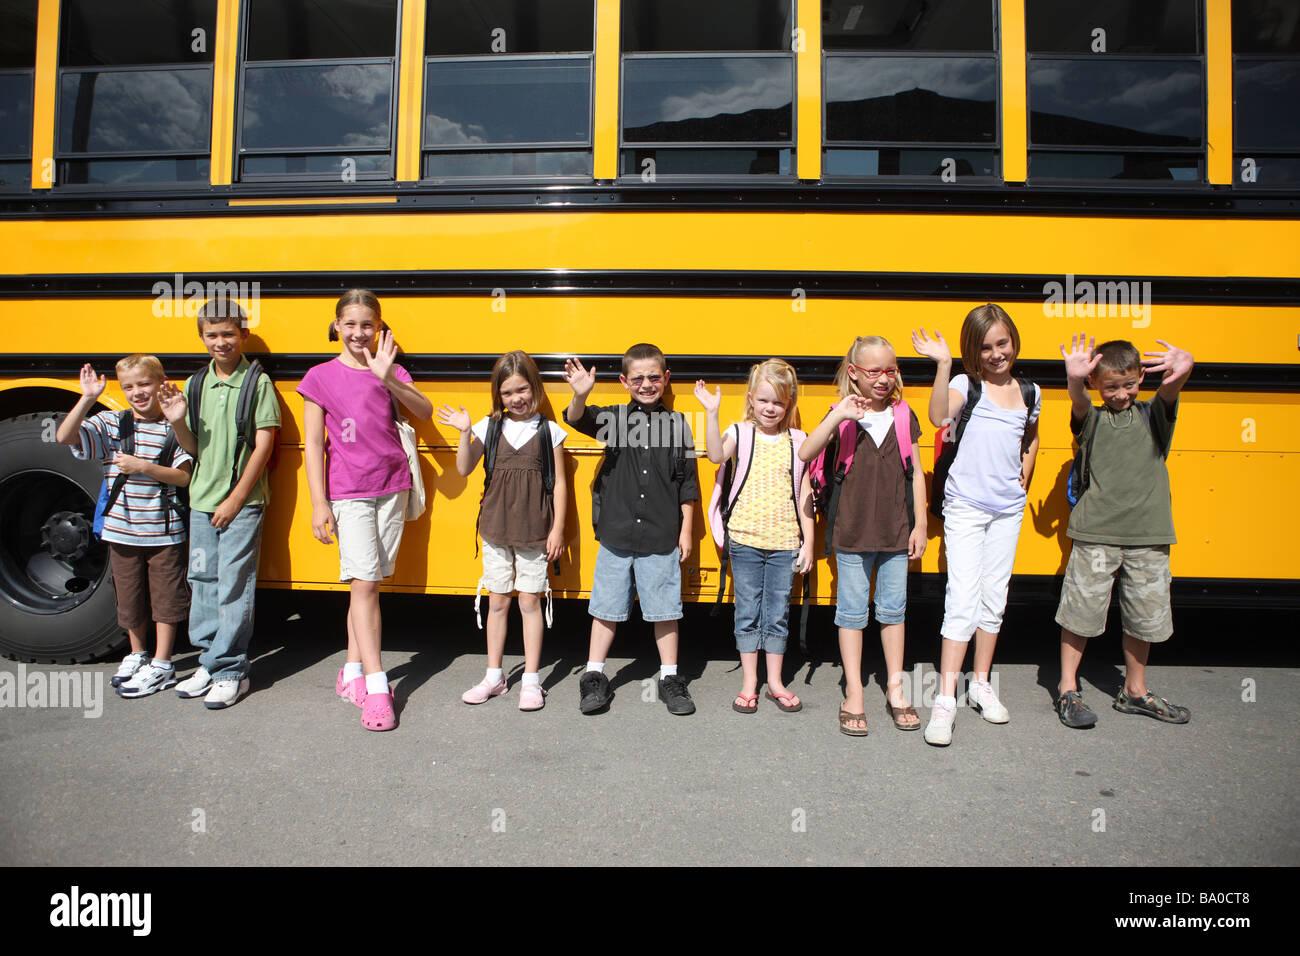 Gruppo di scolari nella parte anteriore del bus di scuola Immagini Stock